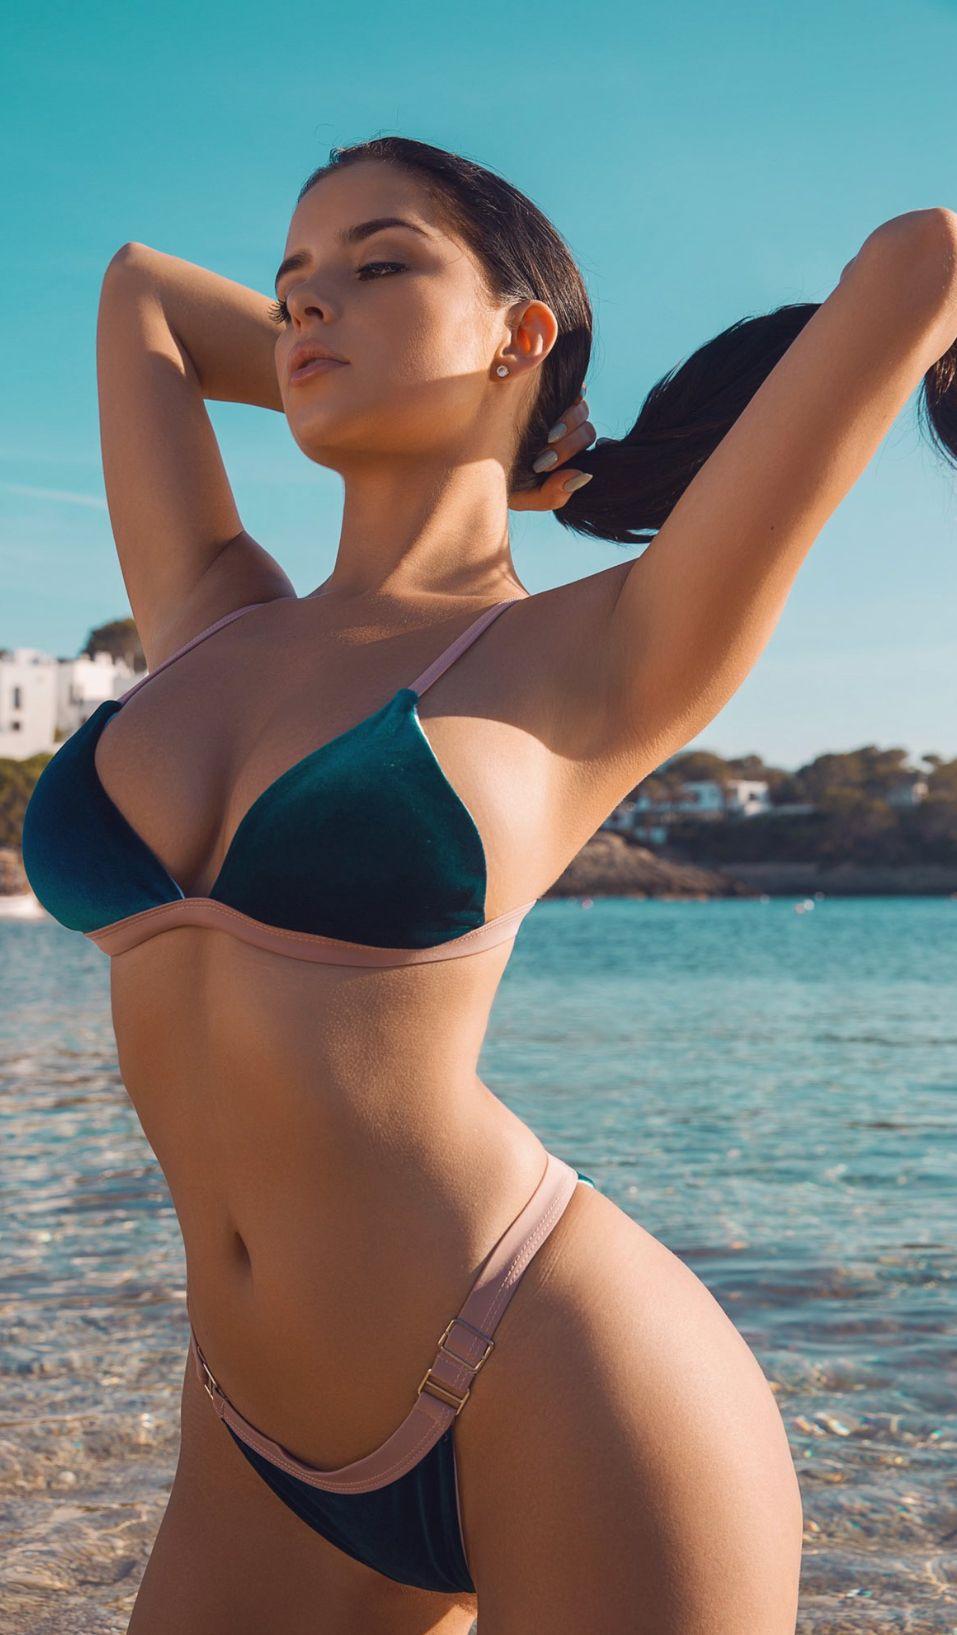 ChicaSúper Y En Sexy PreciosaJum 2019 Sensual Fantástica srxtBChQd